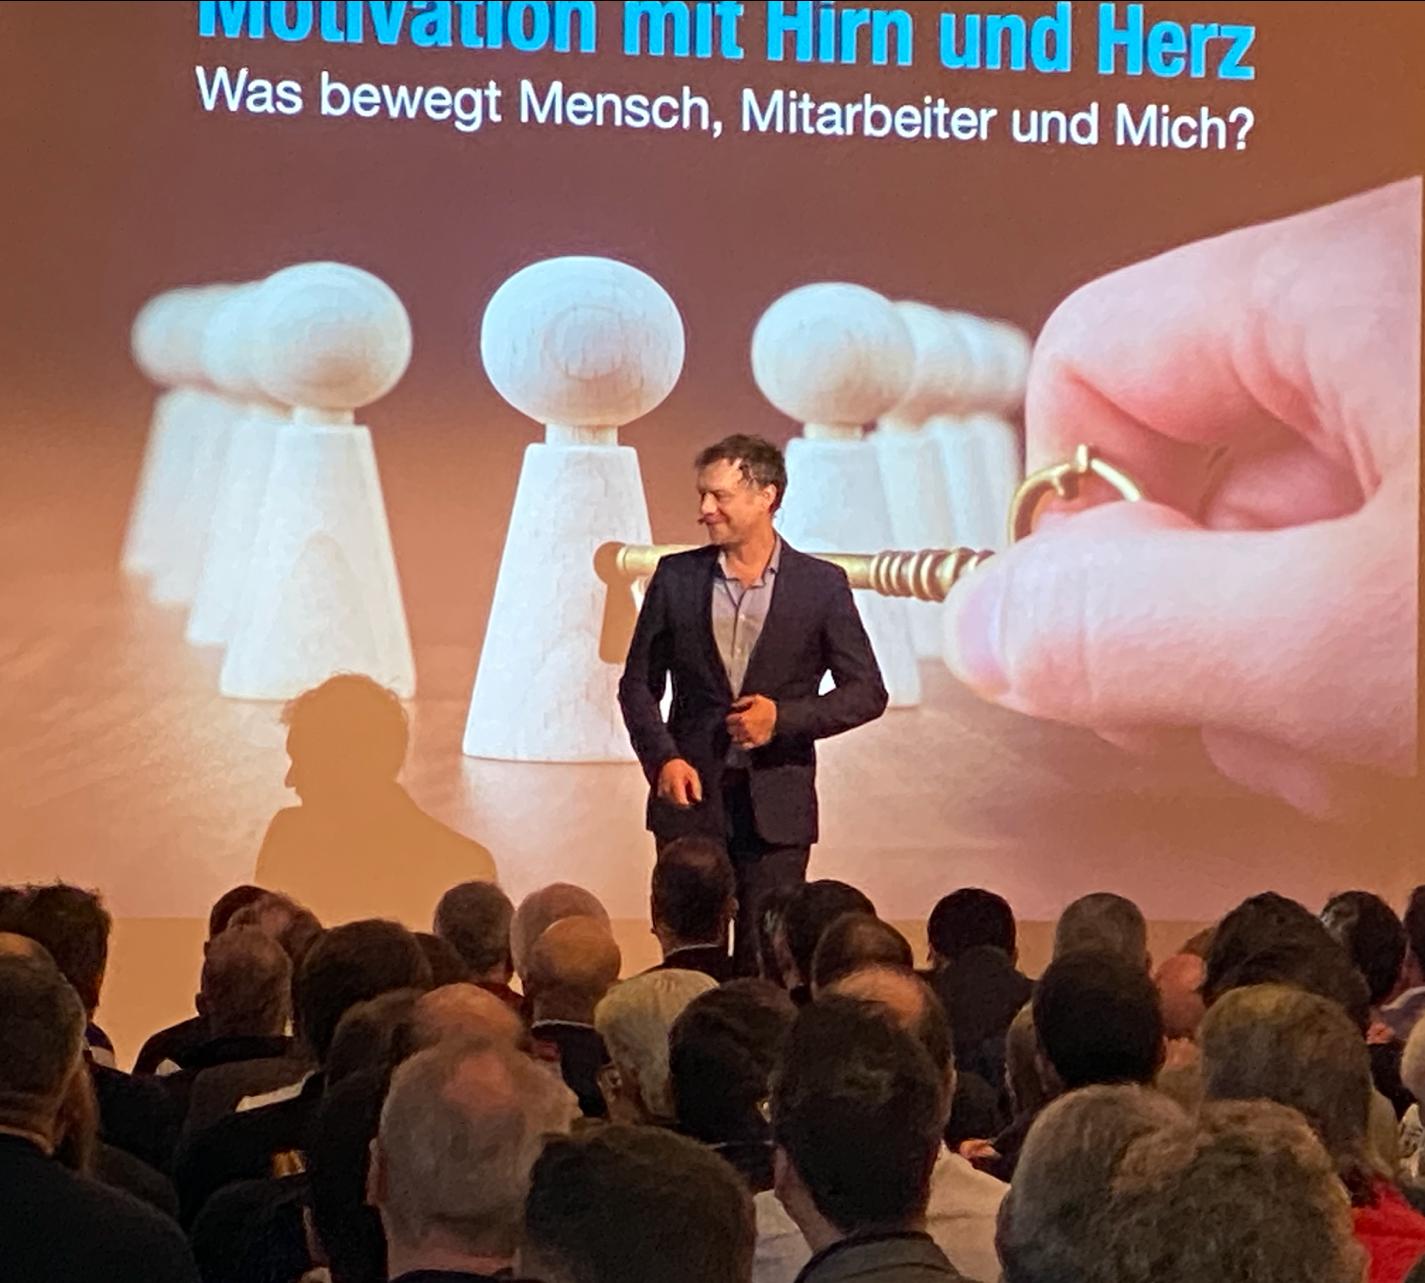 Motivation entsteht im Hirn, aber entwickelt sich durch ganz viel Herz Bild 3- Baufachkongress BAUMIT Oberstdorf - Dr. Volker Busch